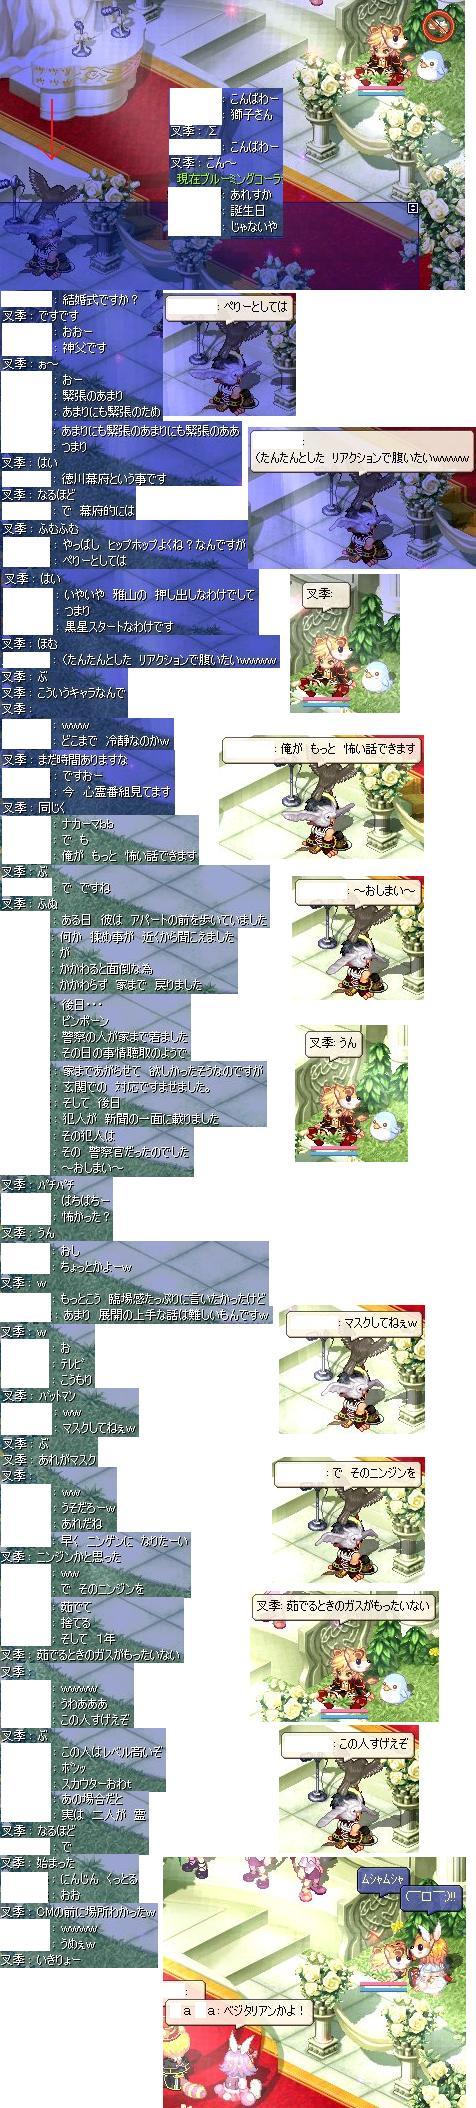 20070823002319.jpg